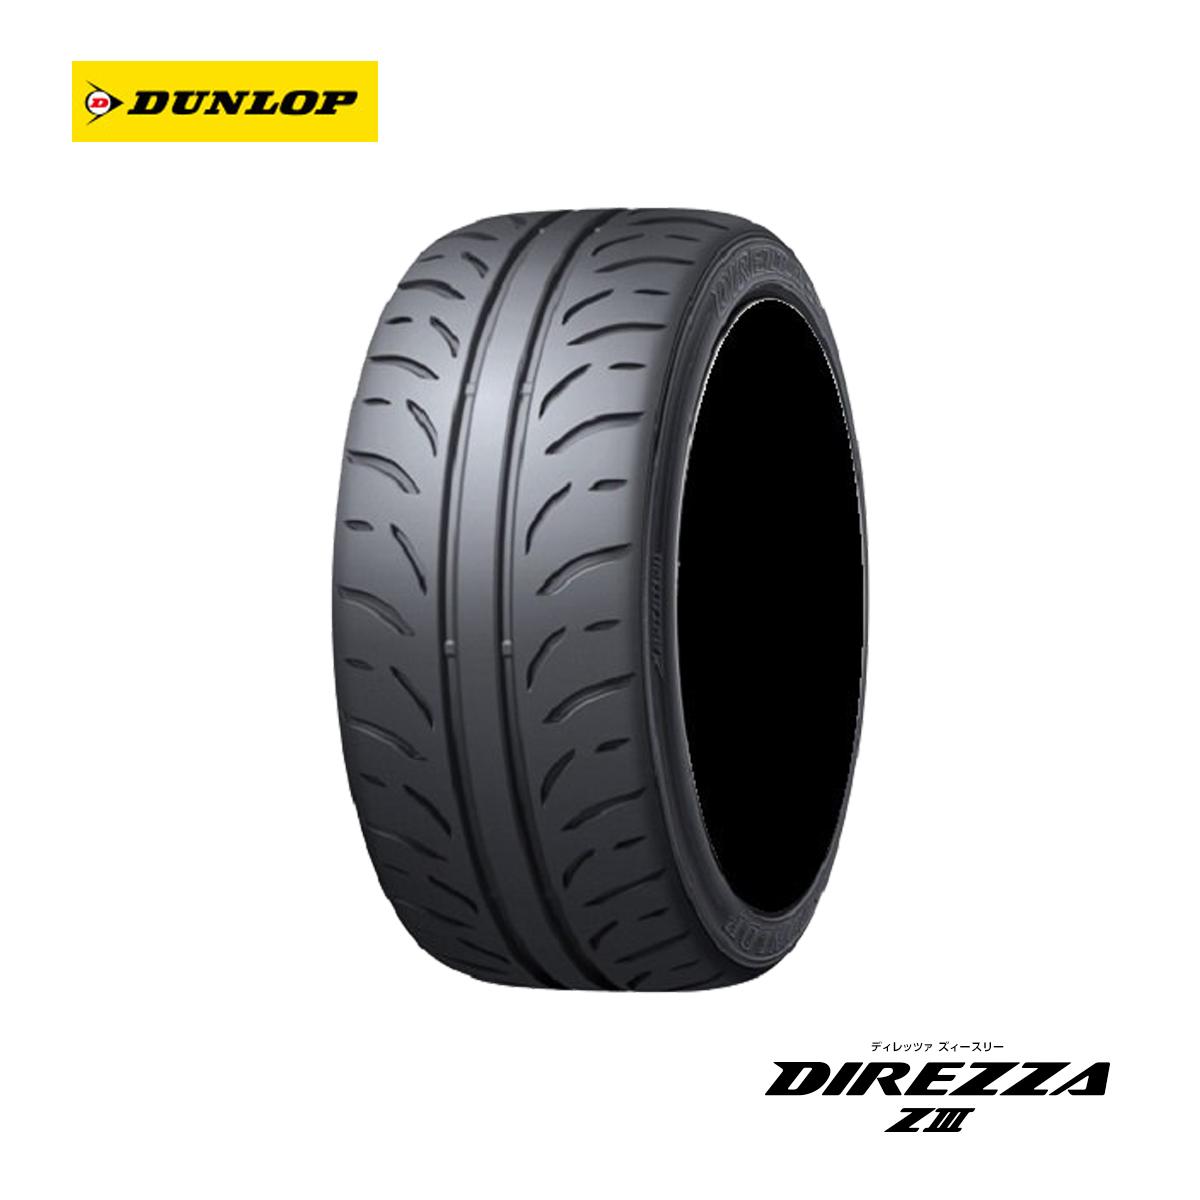 DUNLOP ダンロップ サマータイヤ 4本 セット 15インチ 195/50R15 DIREZZA Z3 ディレッツァ